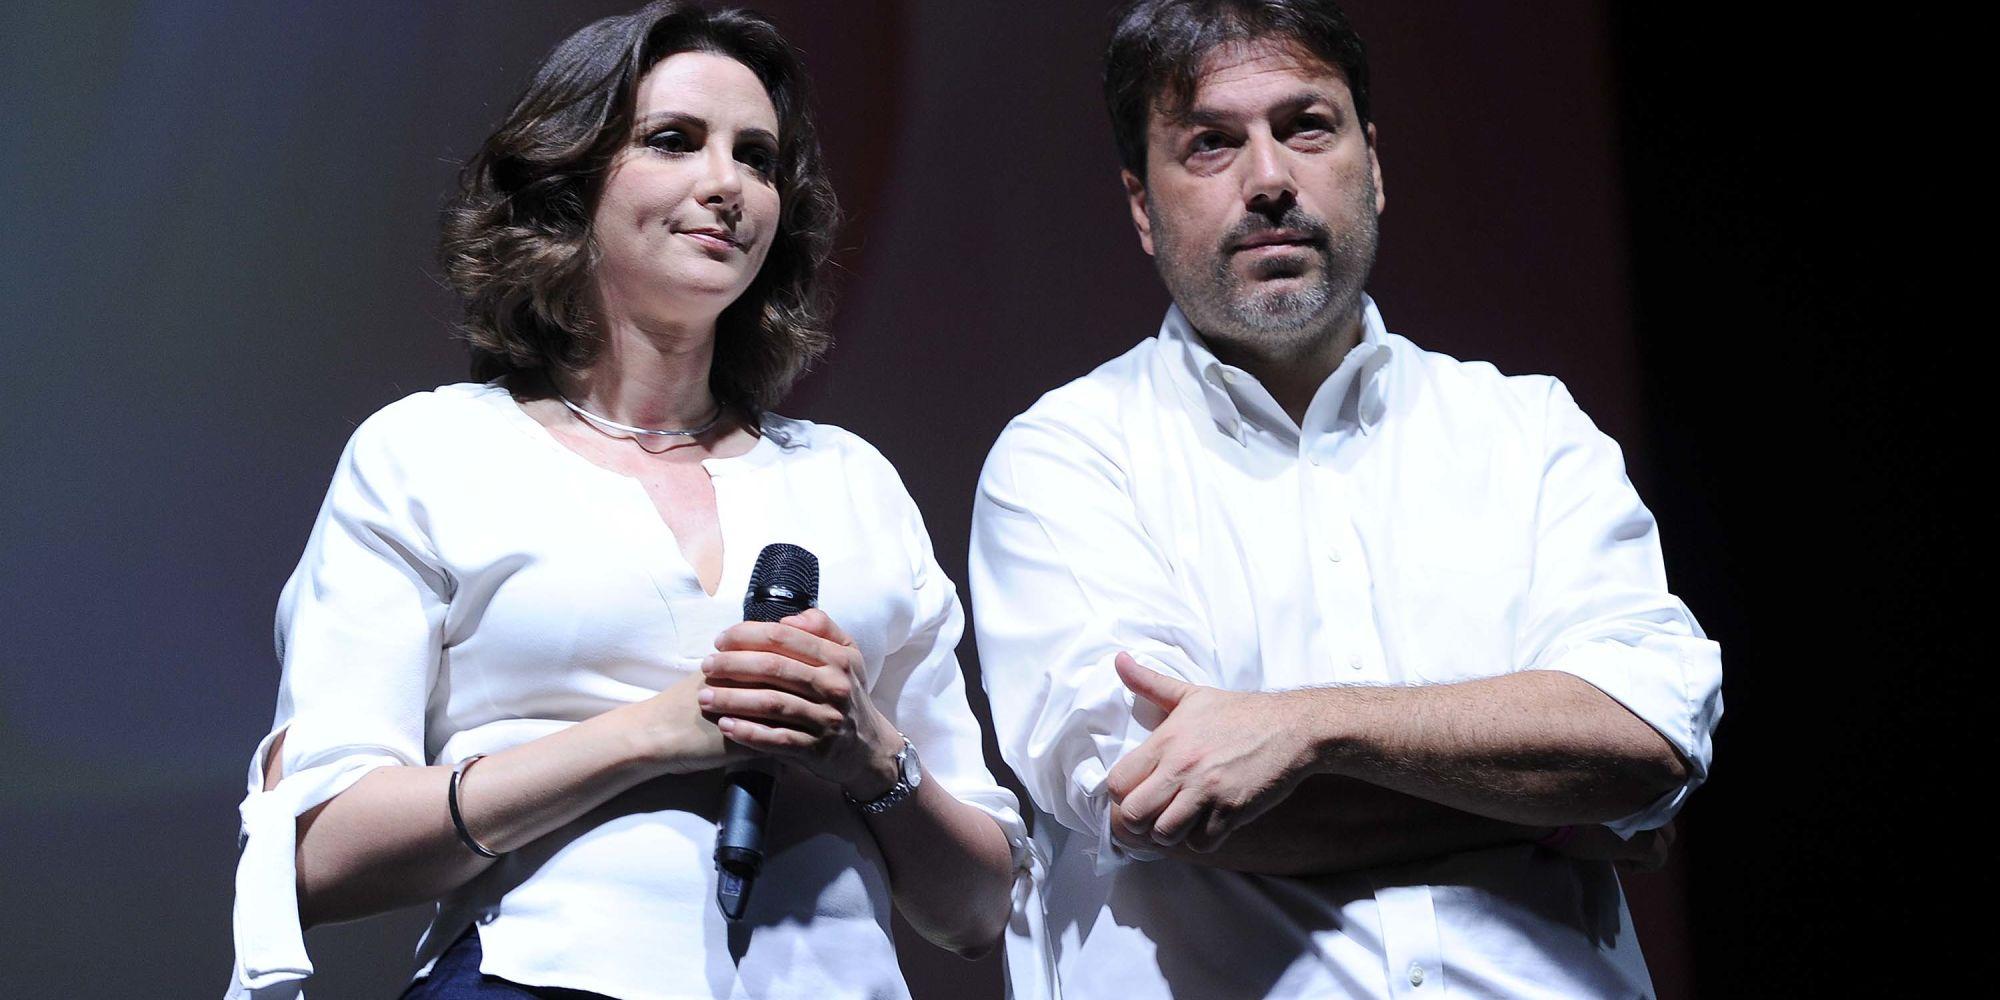 Teatro Brancaccio – Assemblea per la Democrazia e l'uguaglianza